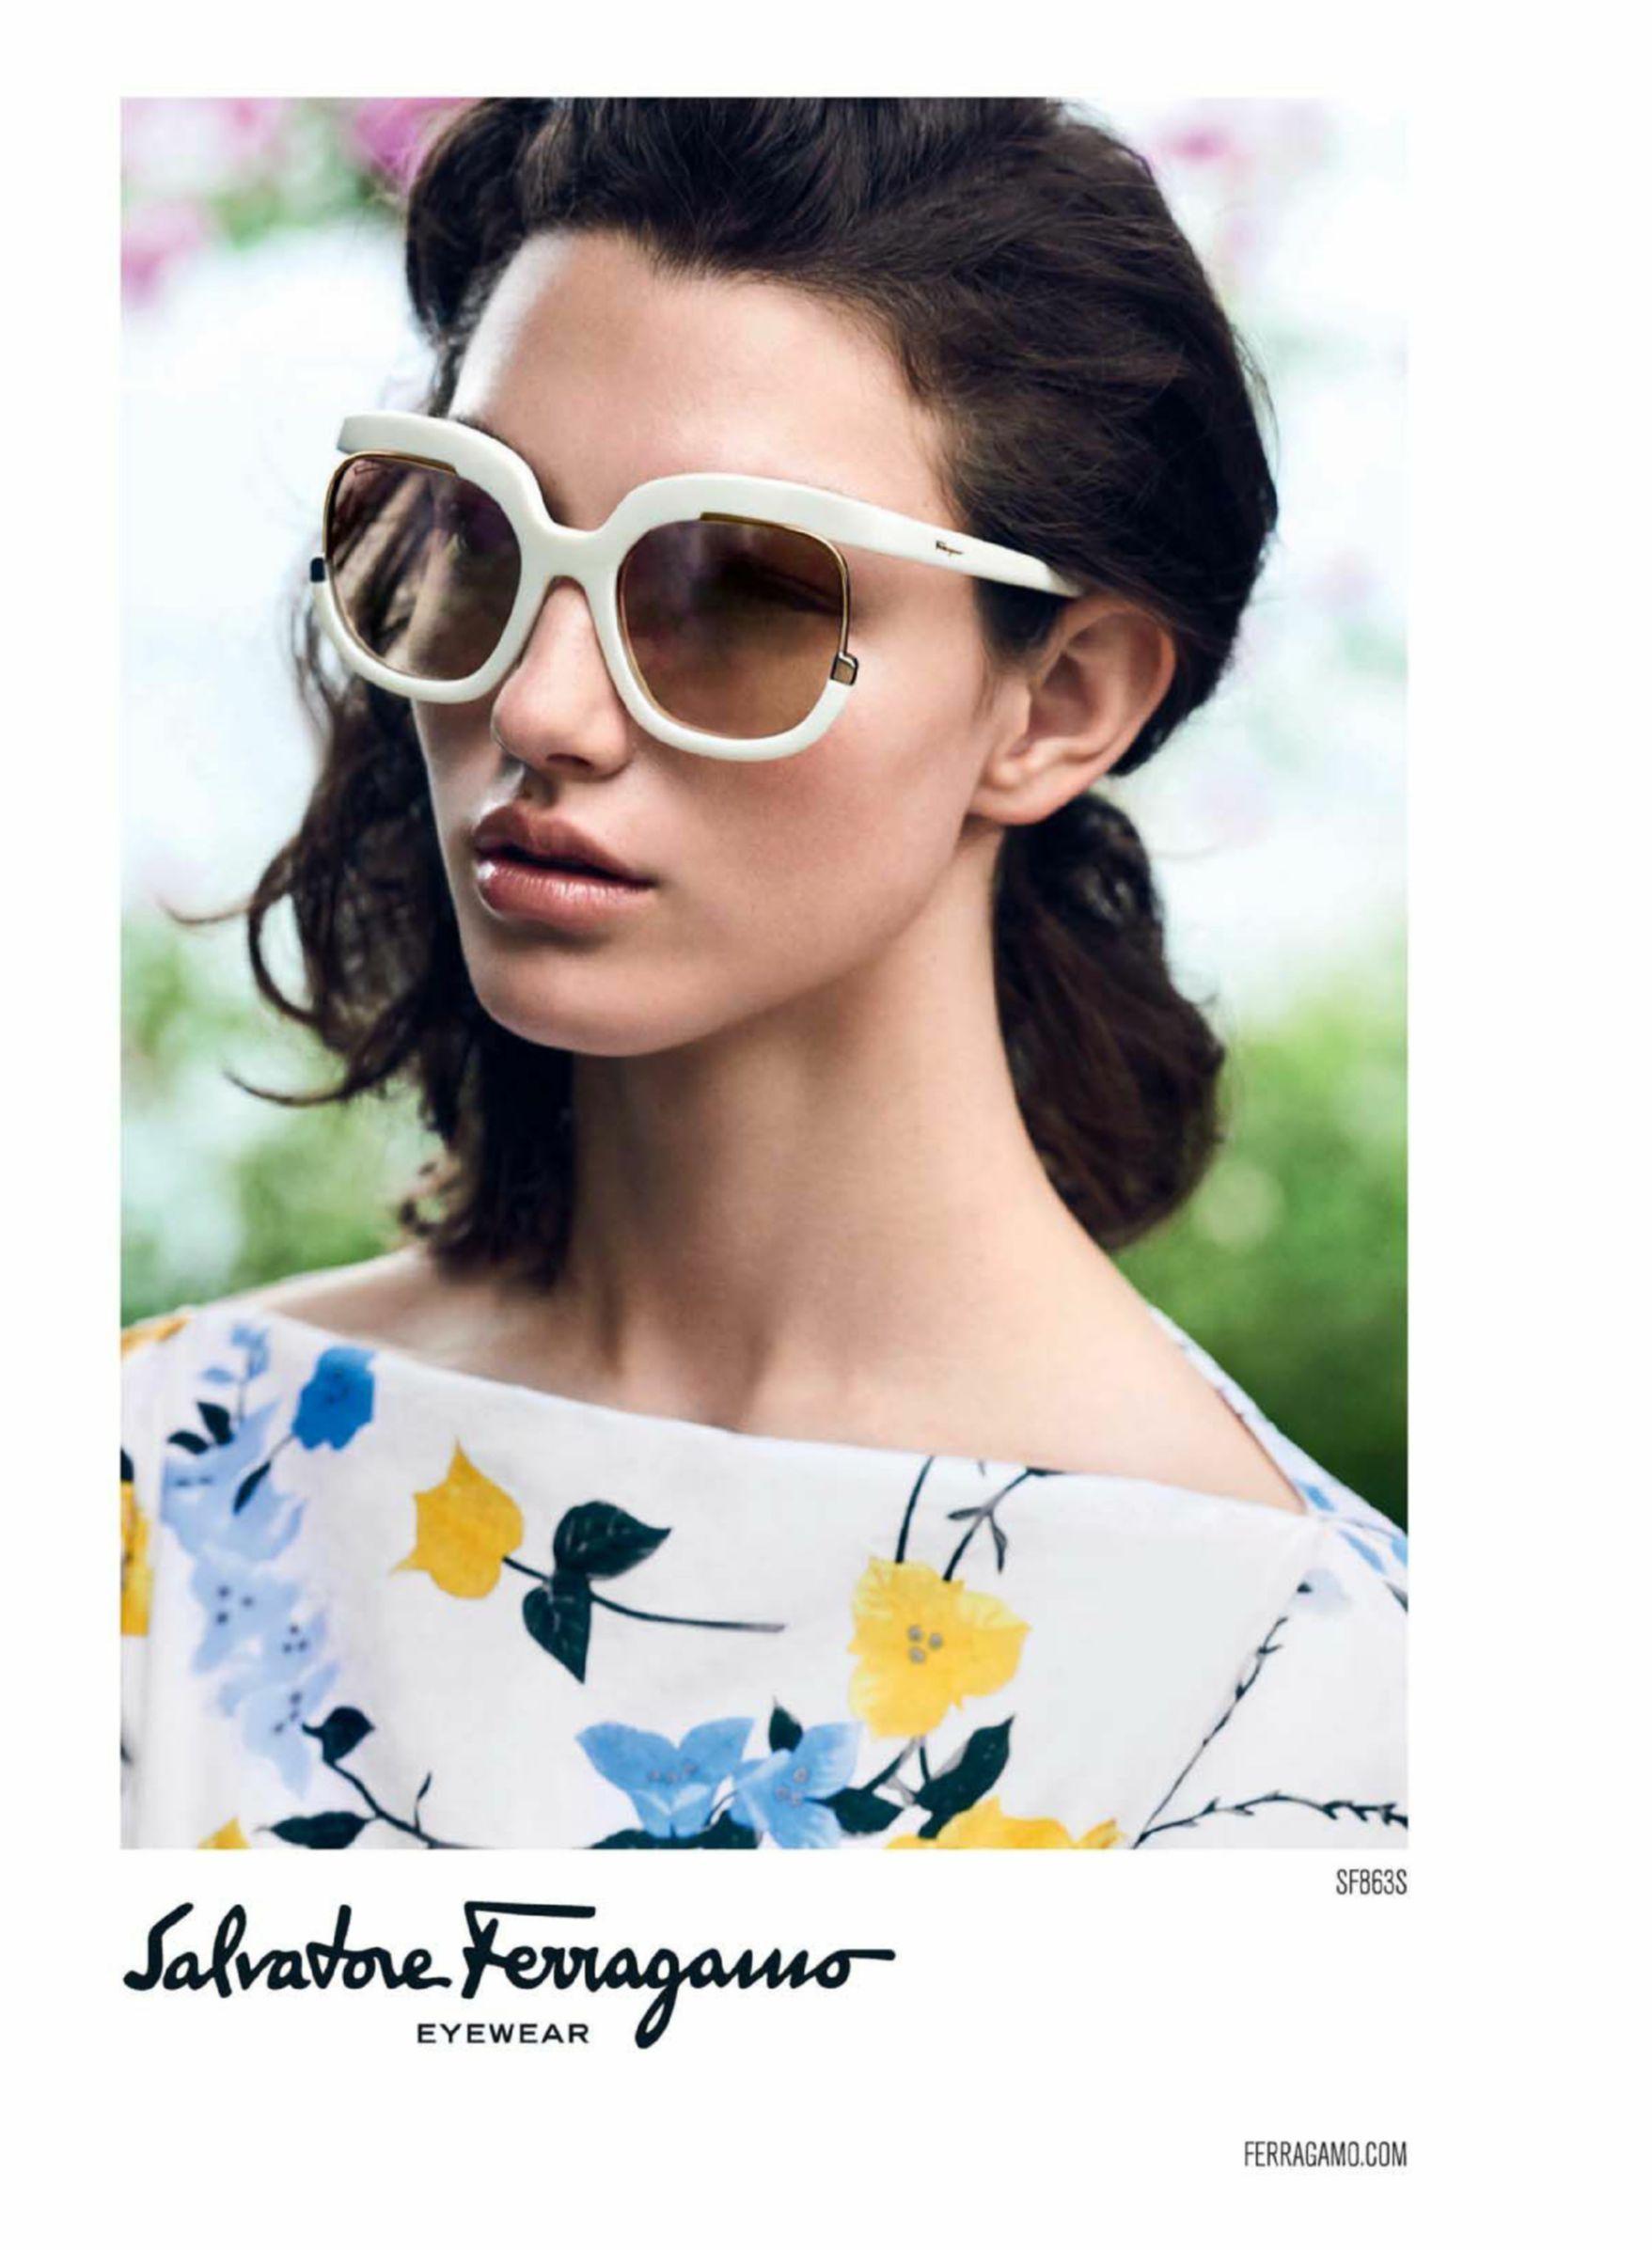 McKenna Hellam for Salvatore Ferragamo eyewear SS17